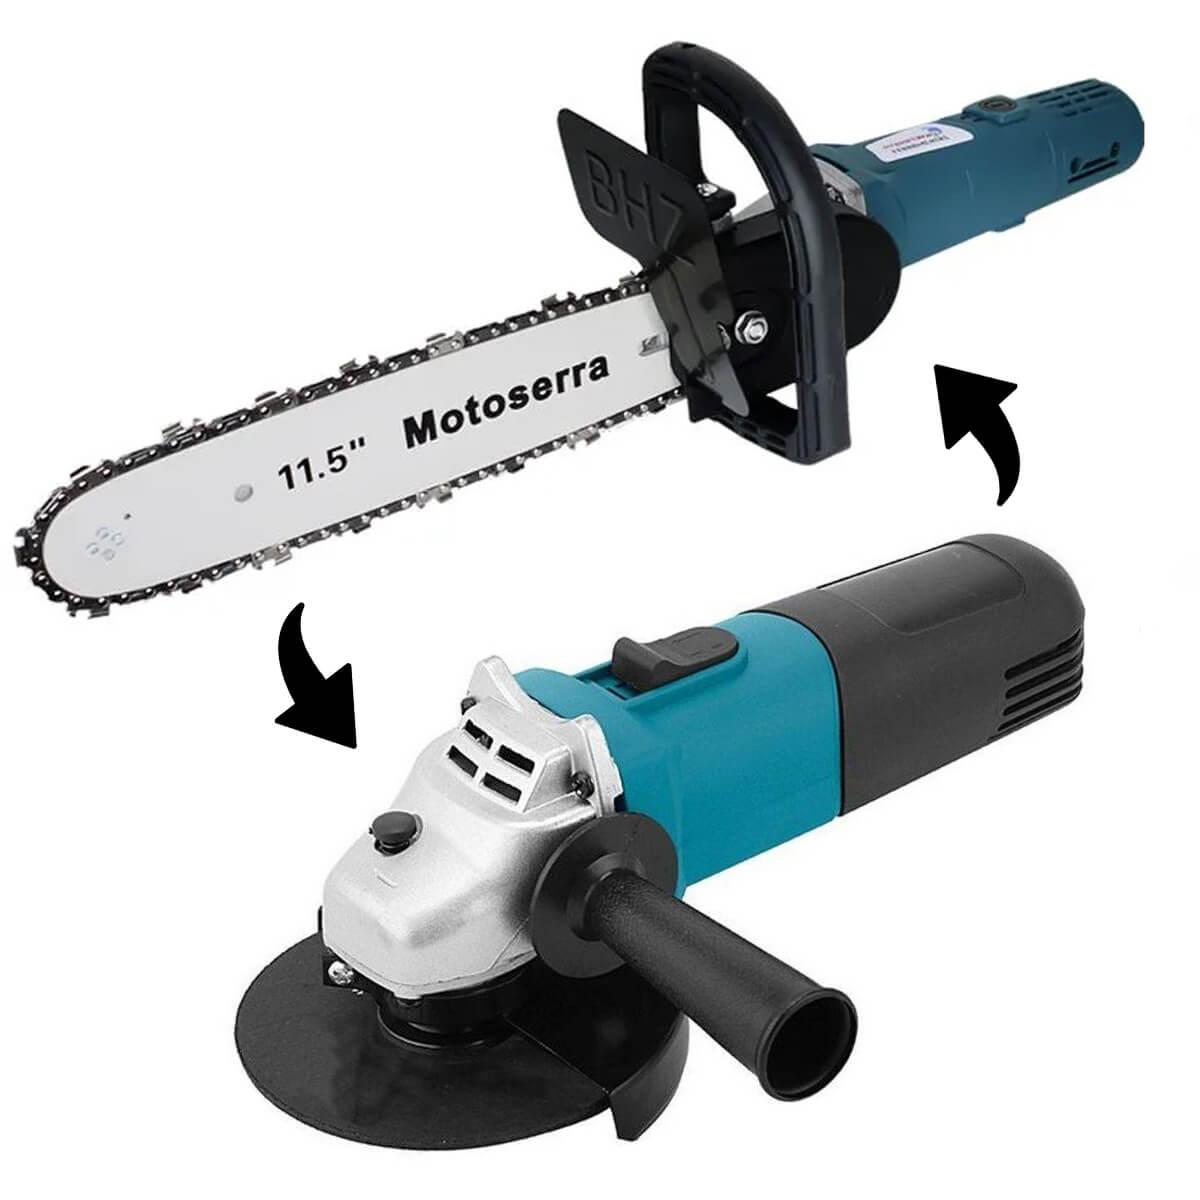 Adaptador para Esmerilhadeira Motosserra + Esmerilhadeira Lixadeira Angular para Madeira Parede Concreto 110V 4.1/2 115m